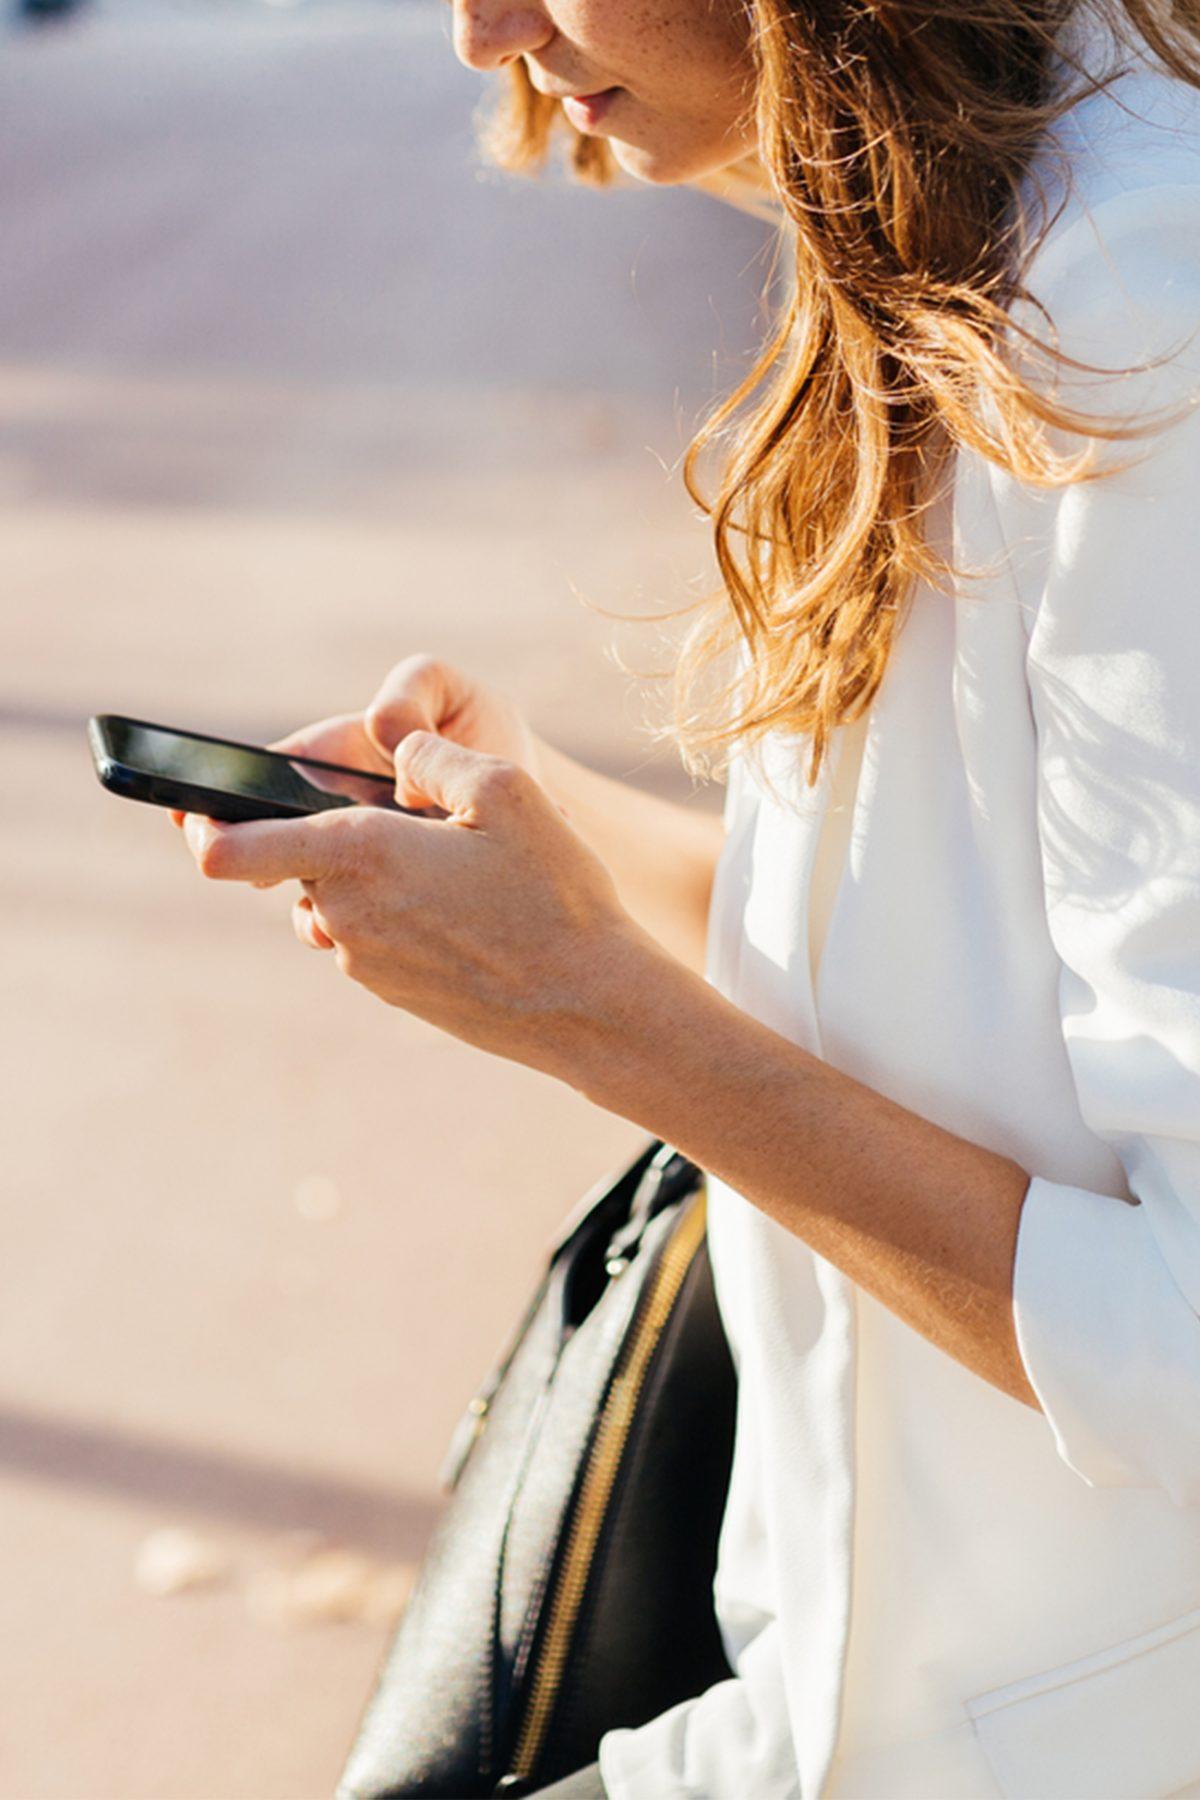 feminine health apps